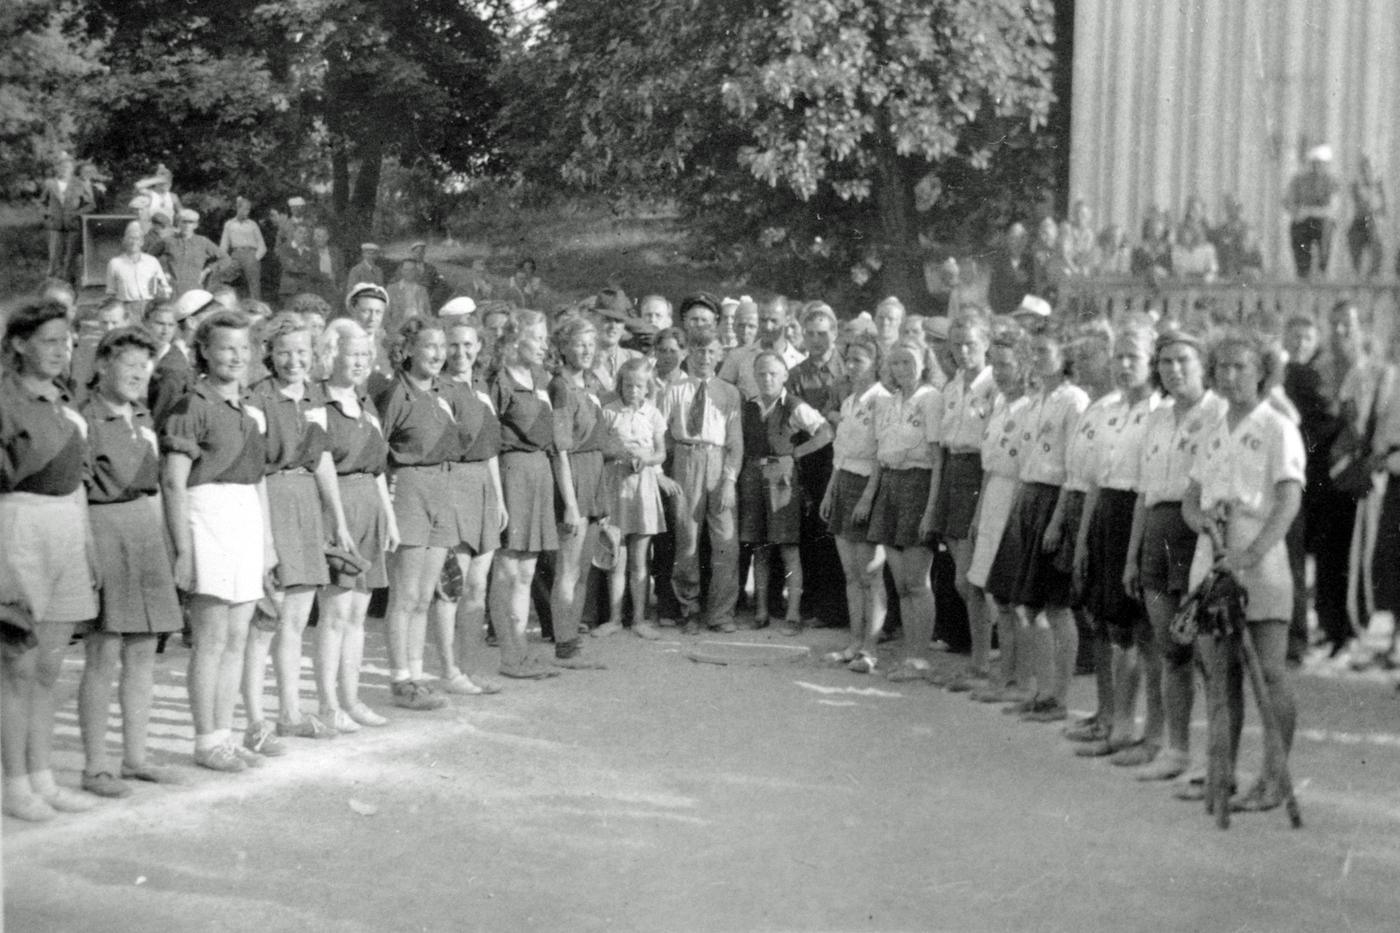 Hukat_-_Lahden_Koripalloilijat_naiset_1947_Suurkisat.jpg